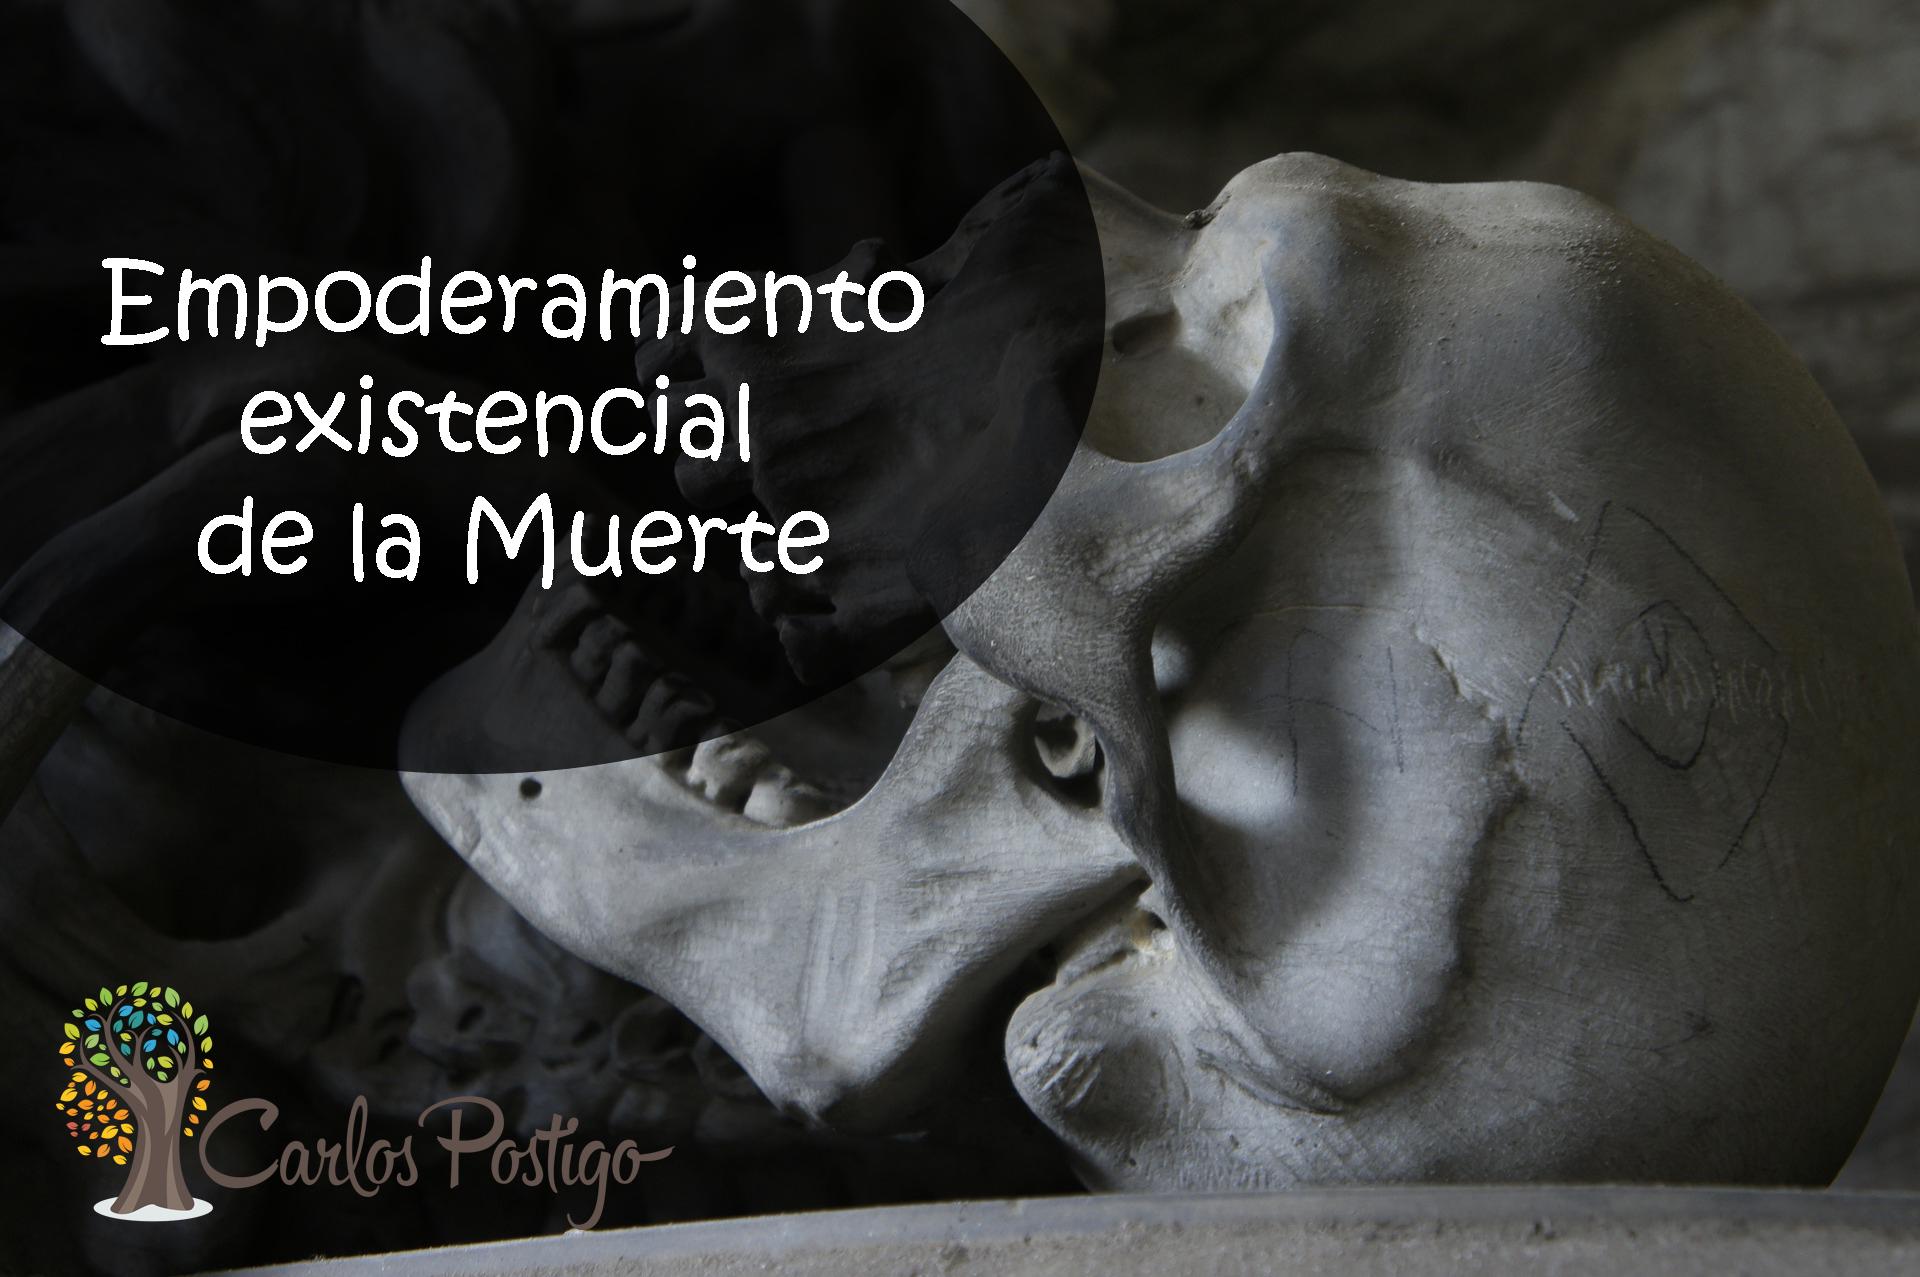 Empoderamiento existencial de la Muerte